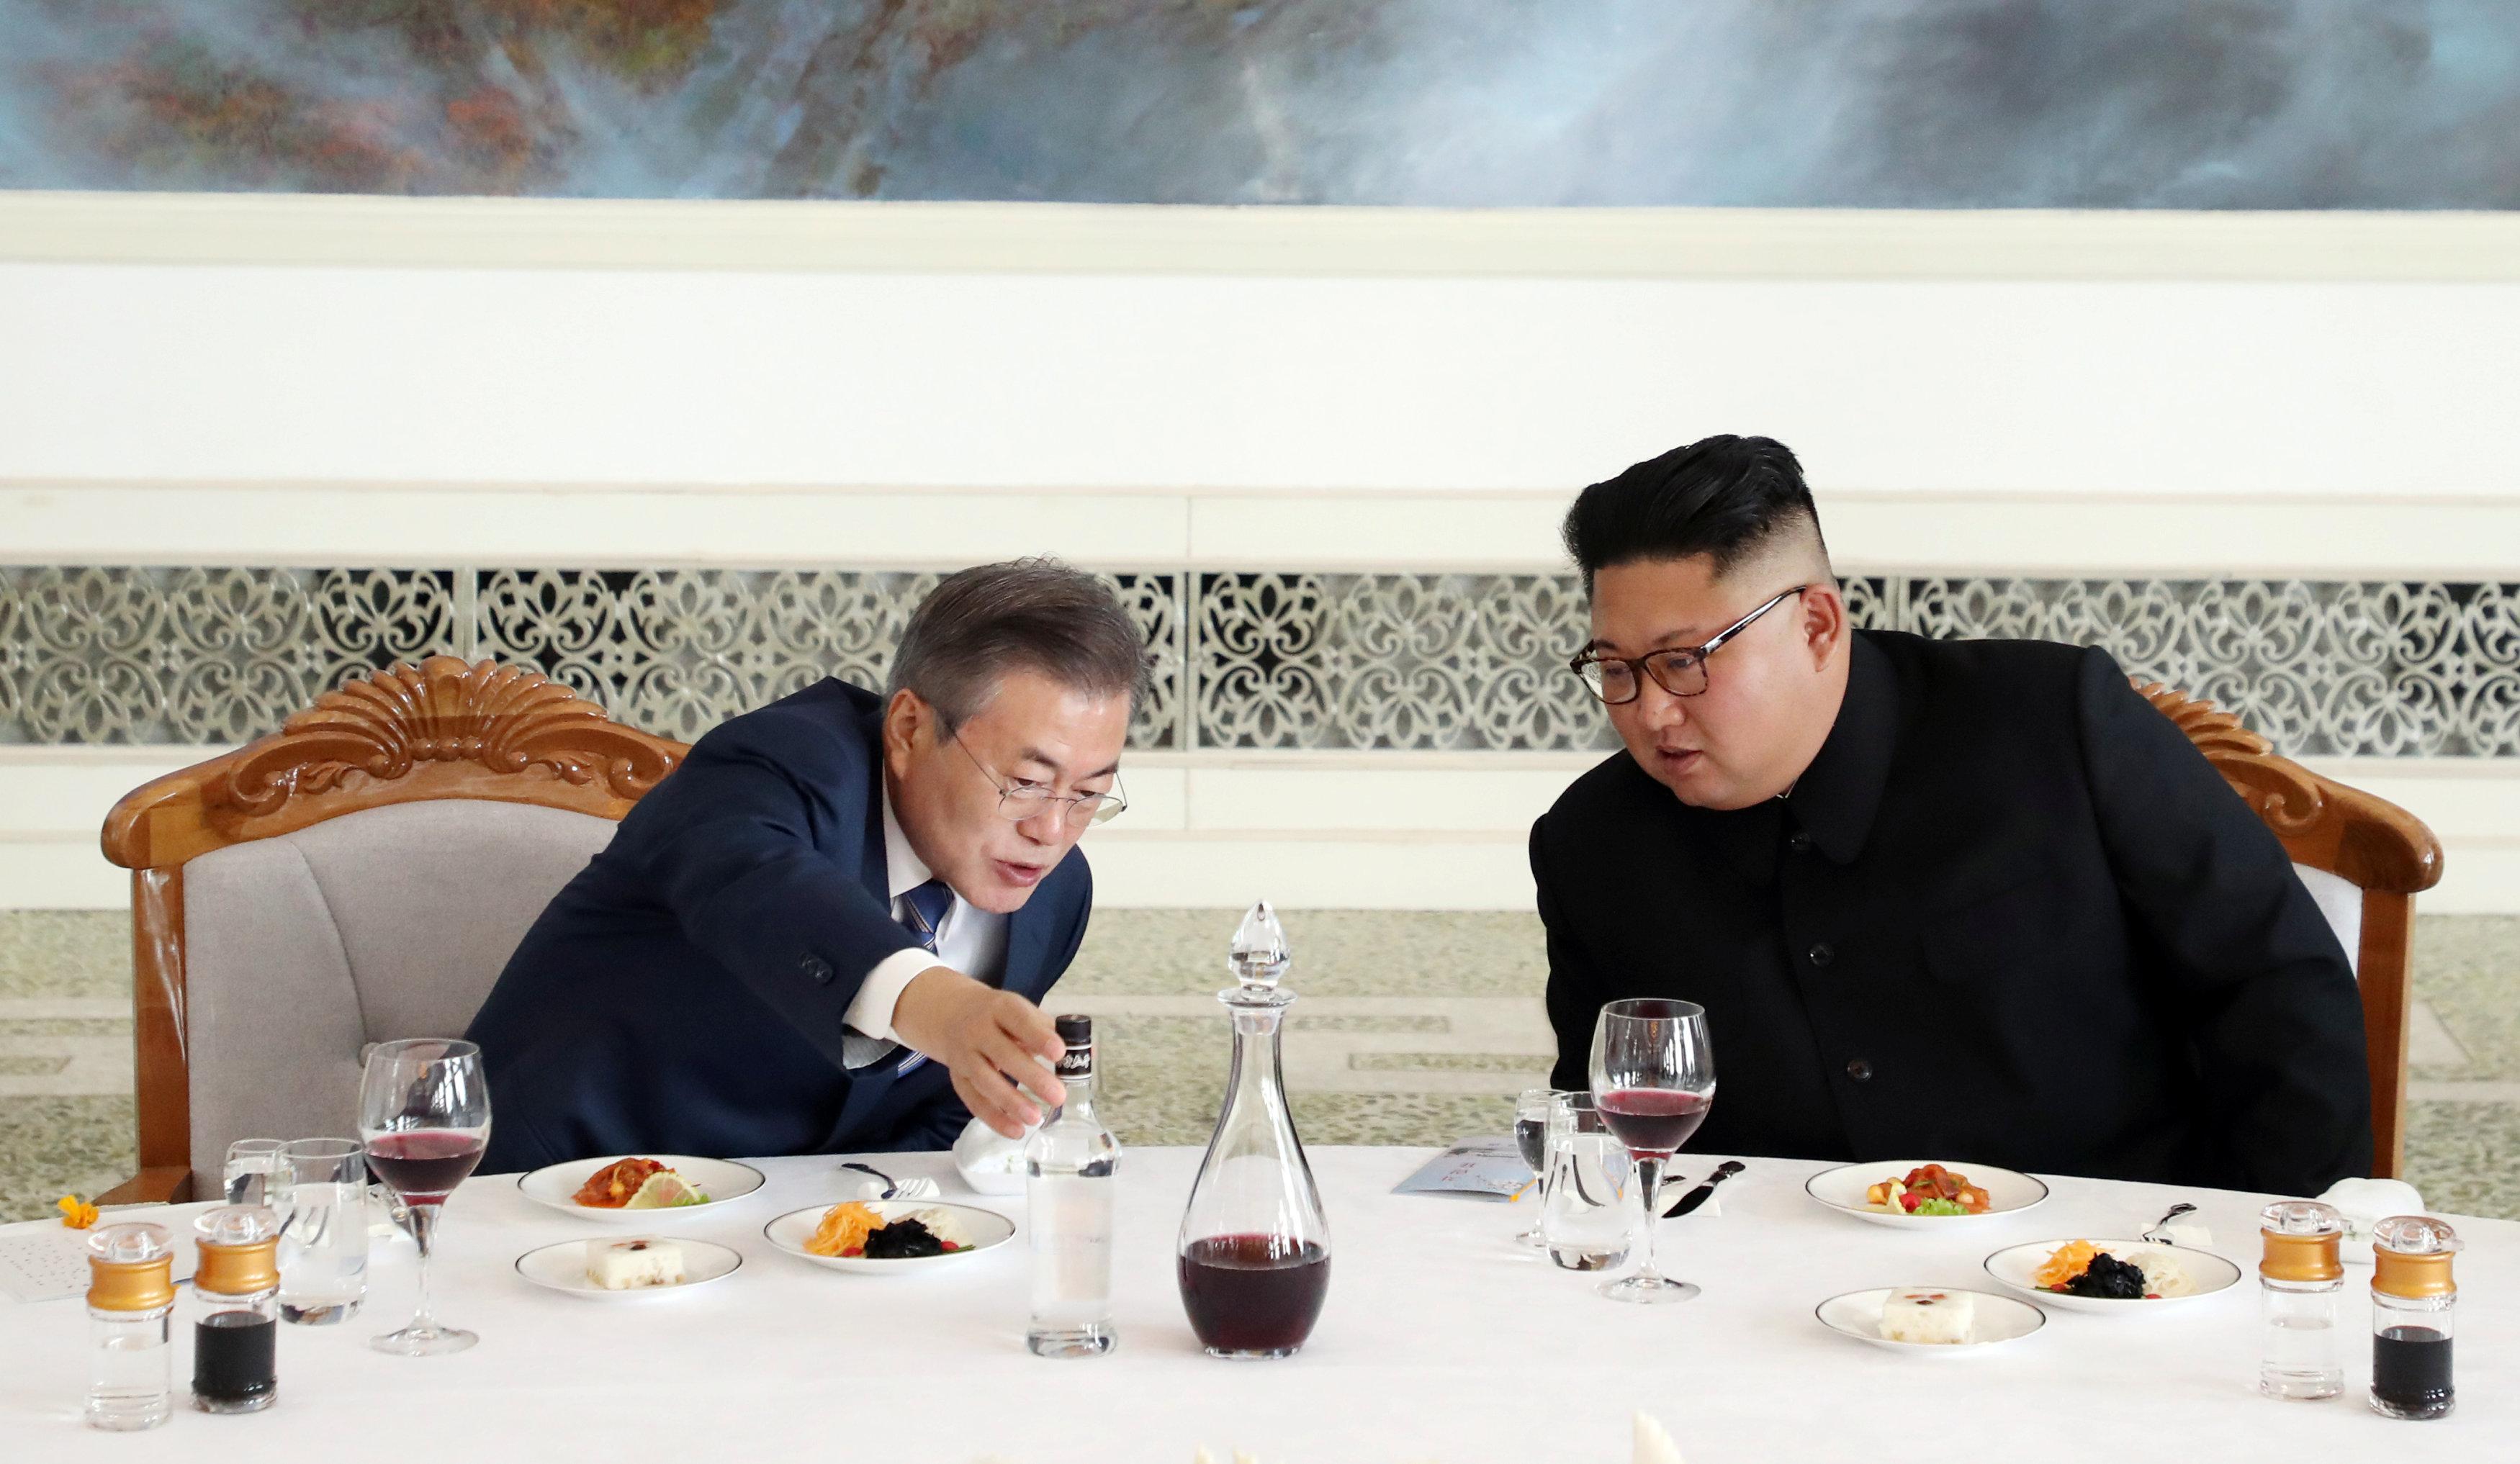 كيم ينظم مأدبة غذاء على شرف رئيس كوريا الجنوبية